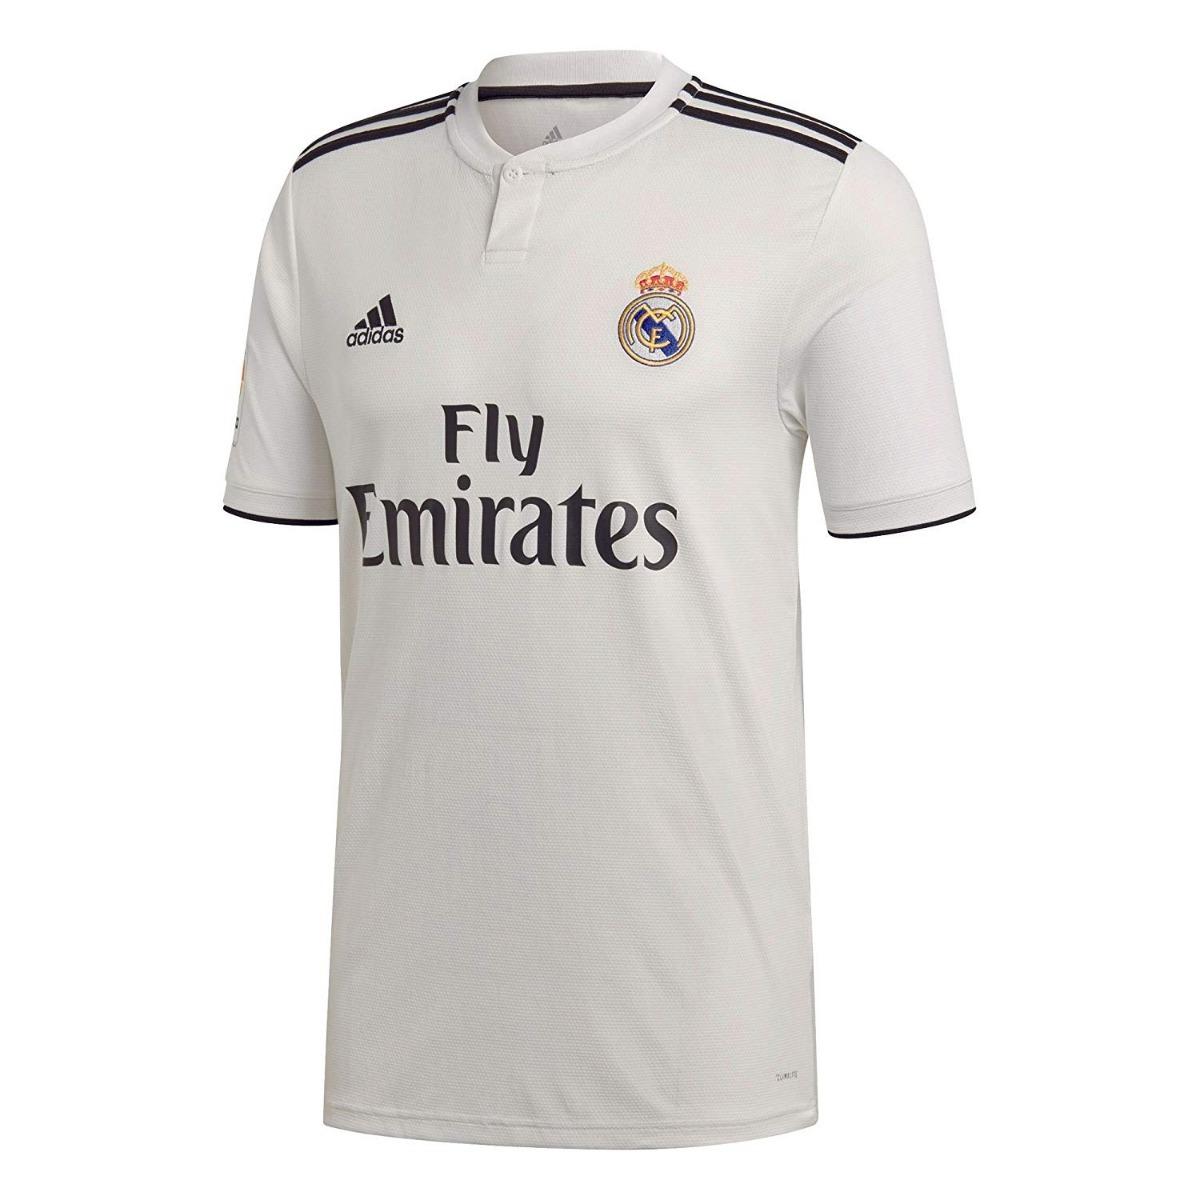 0996714765baf jersey real madrid original adidas local 18-19 envío gratis! Cargando zoom.